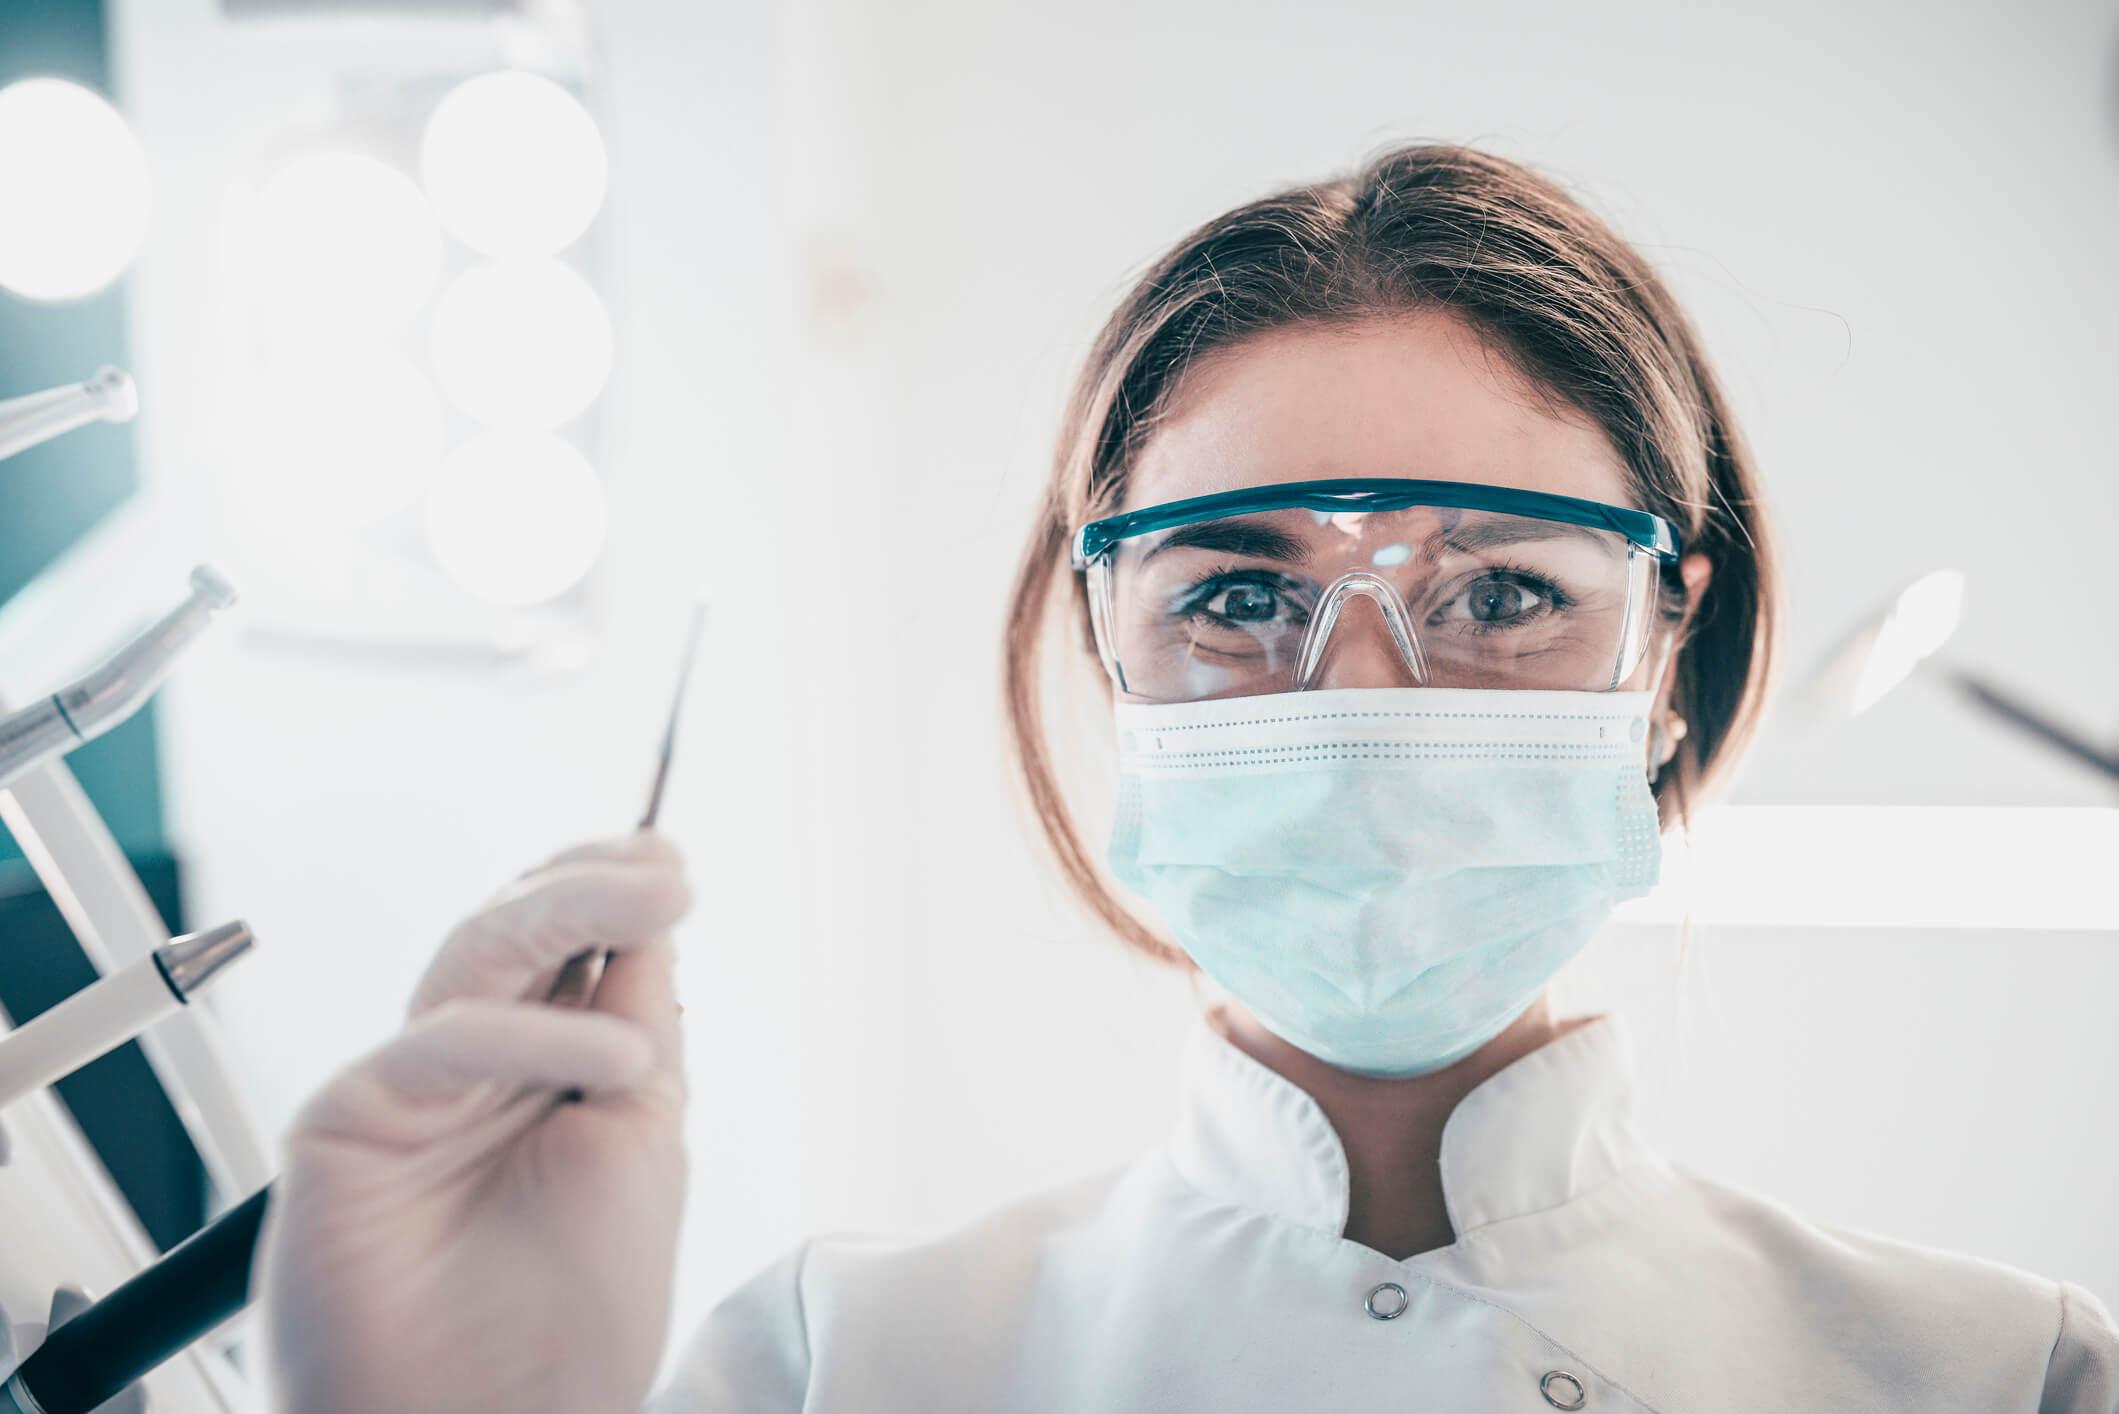 Biossegurança em endodontia: quais os cuidados dentro de um consultório?